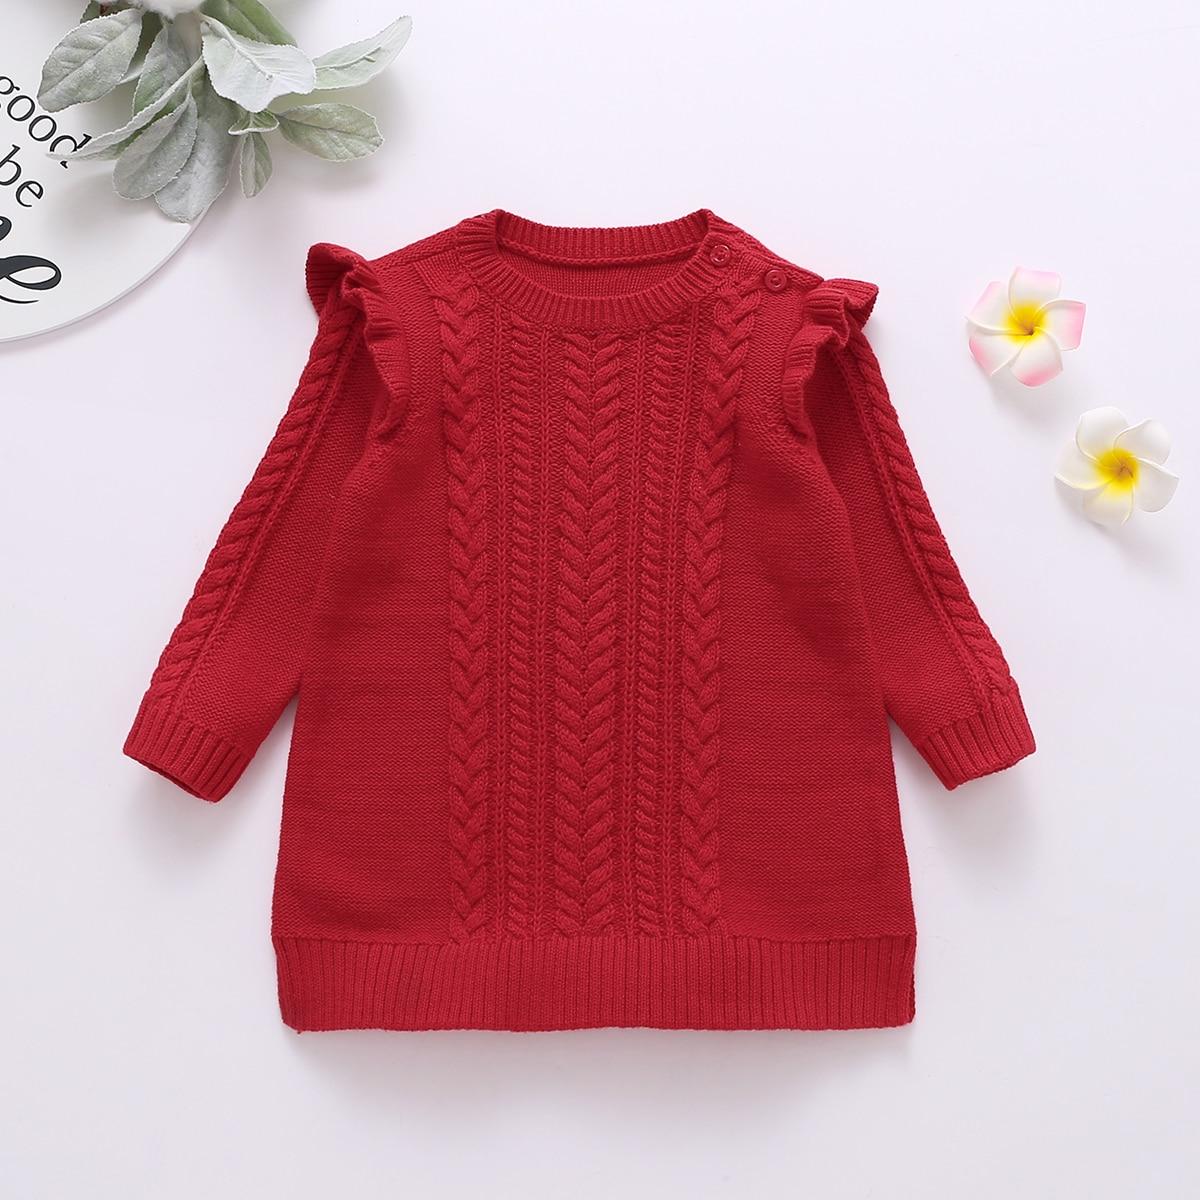 Пугавица одноцветный повседневный свитеры для девочек